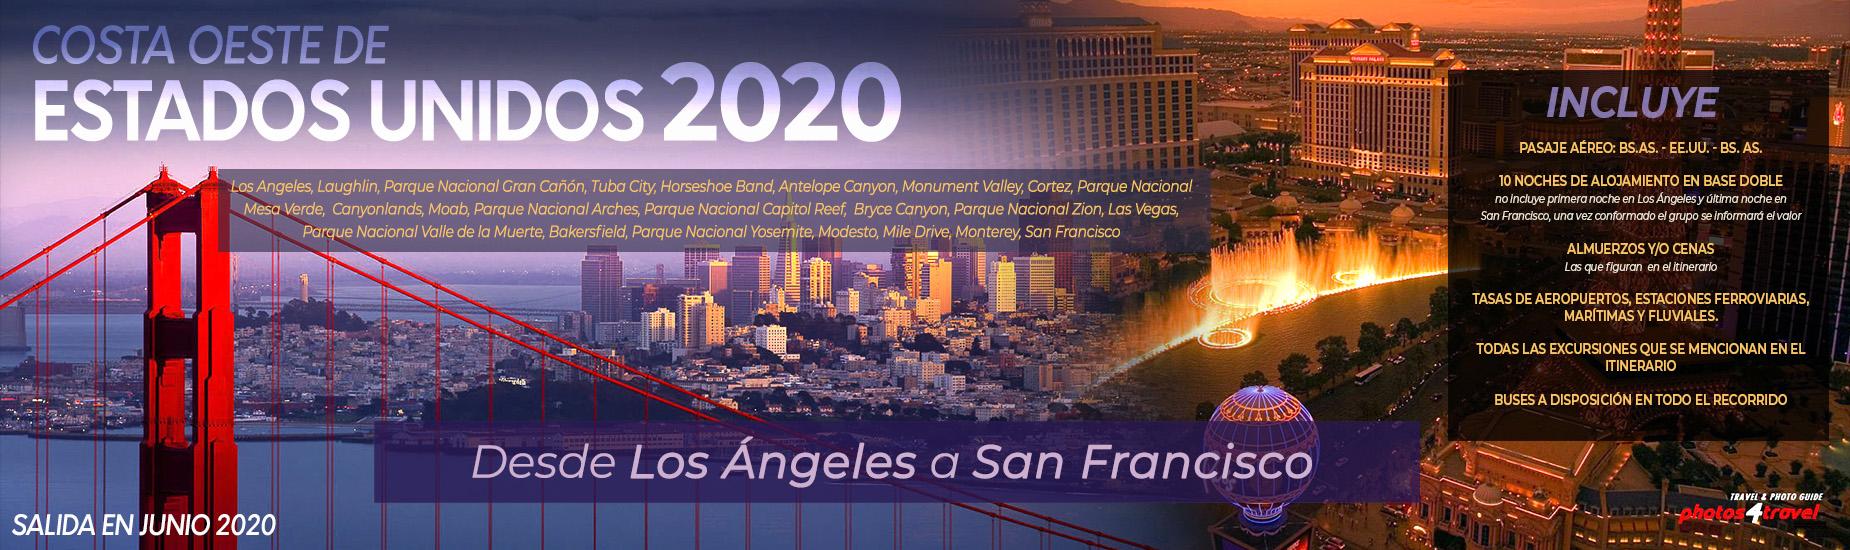 Costa Oeste de Estados Unidos 2020